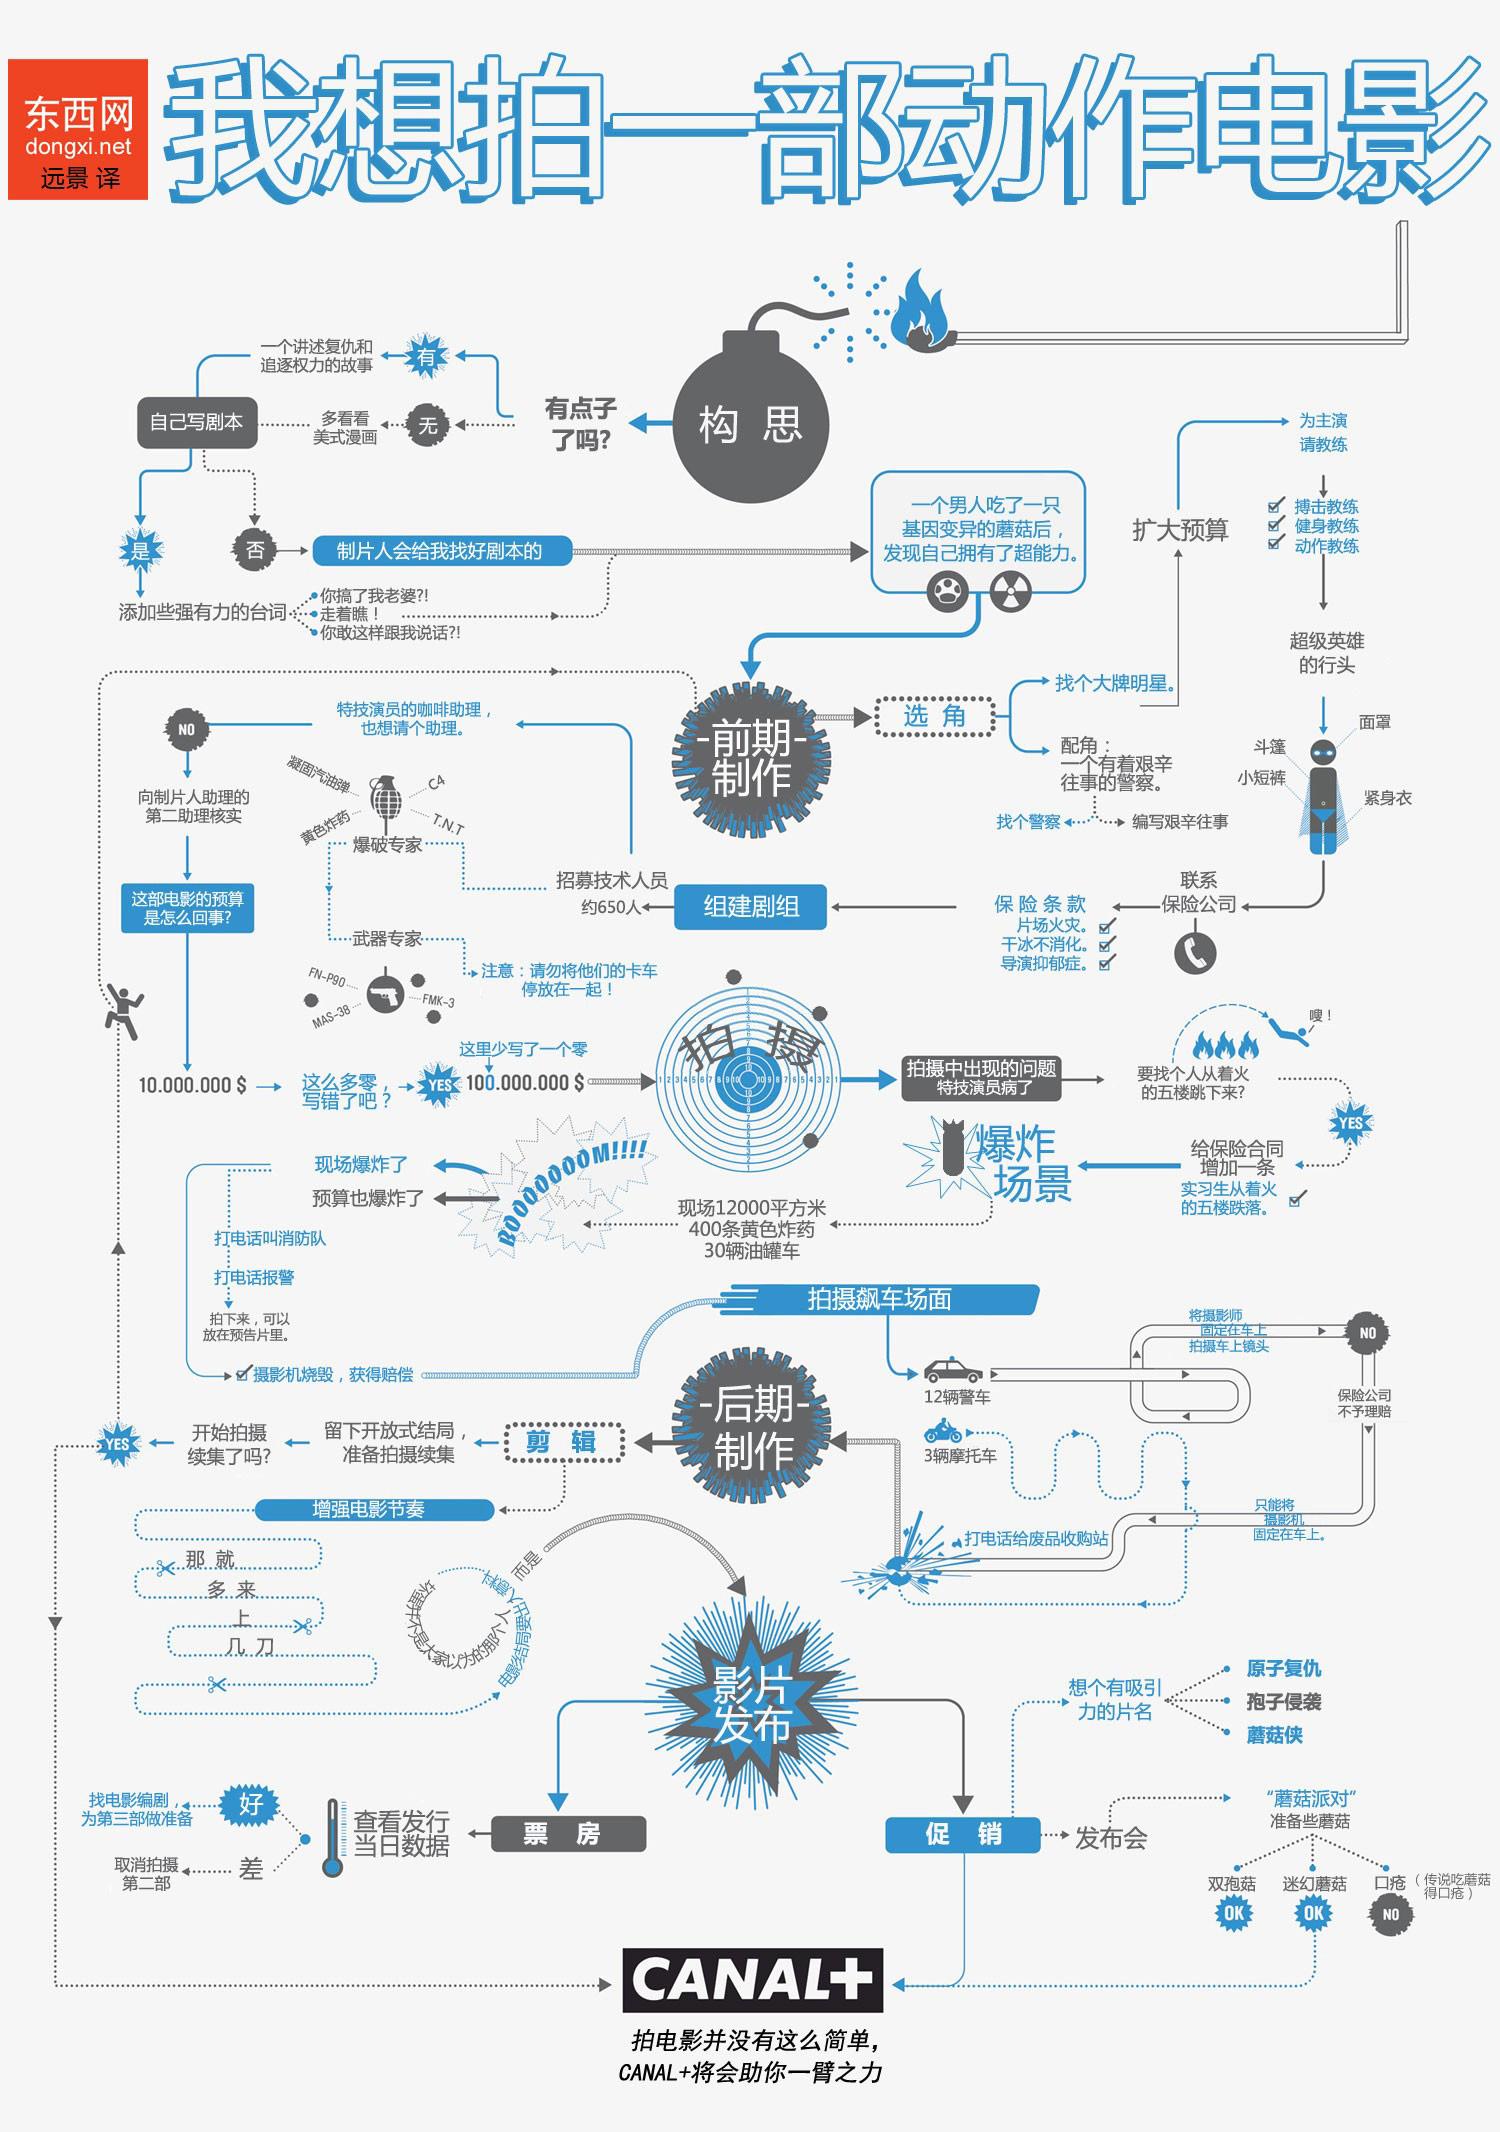 怎样��`'�-�ZَY��&_【恒欢乐 · 大分享】电影流程图(一):怎样拍一部动作